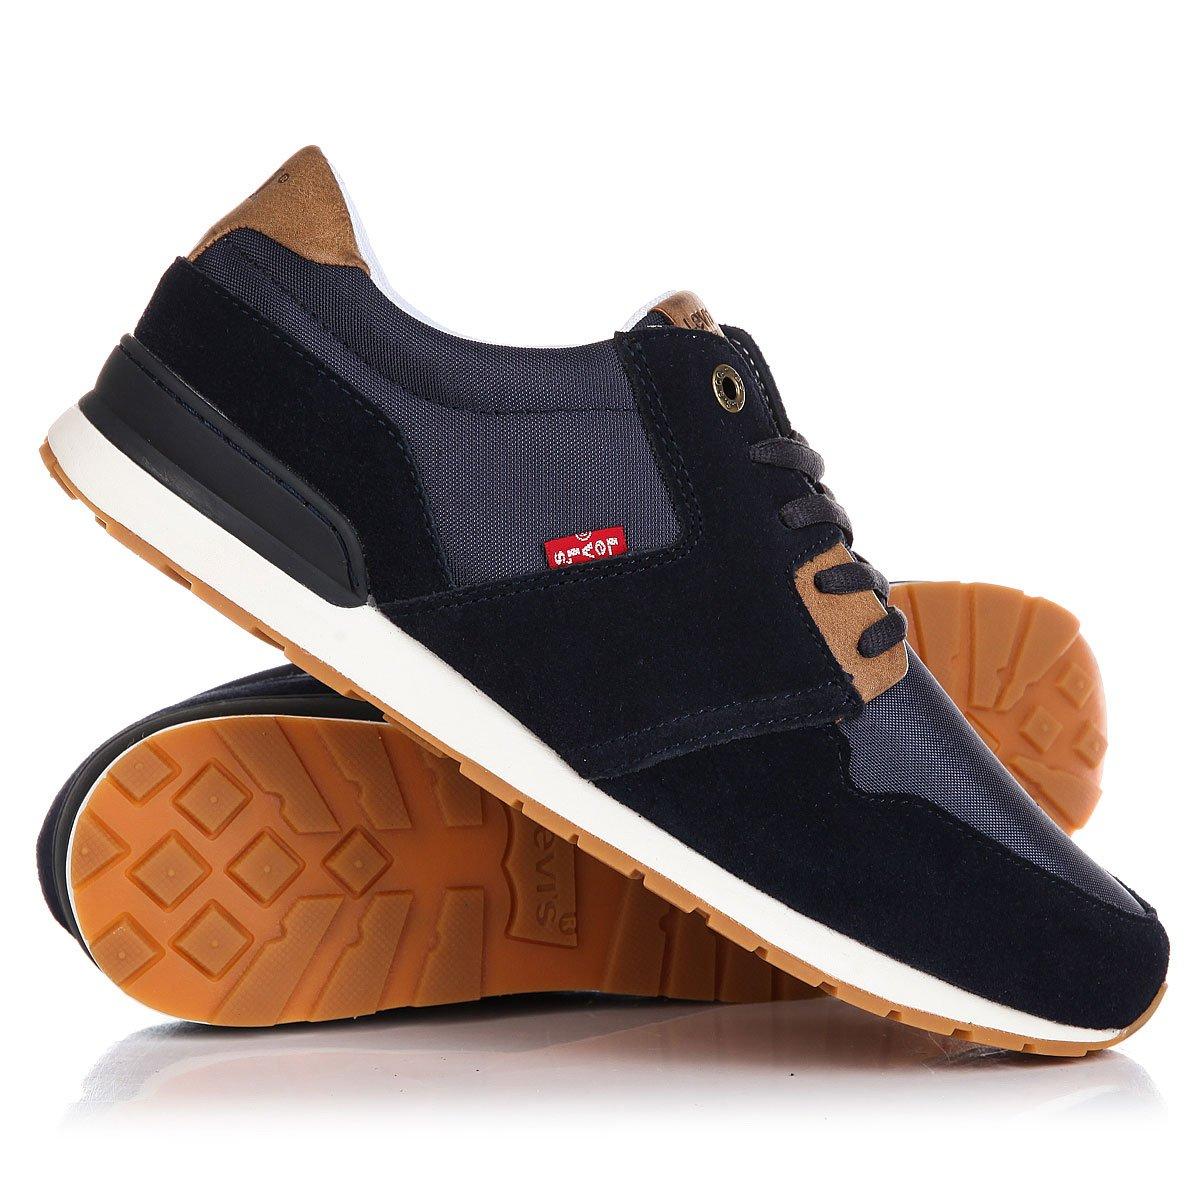 Купить кроссовки Levis Ny Runner Ii Navy Blue в интернет-магазине  Proskater.ru 704d9714909